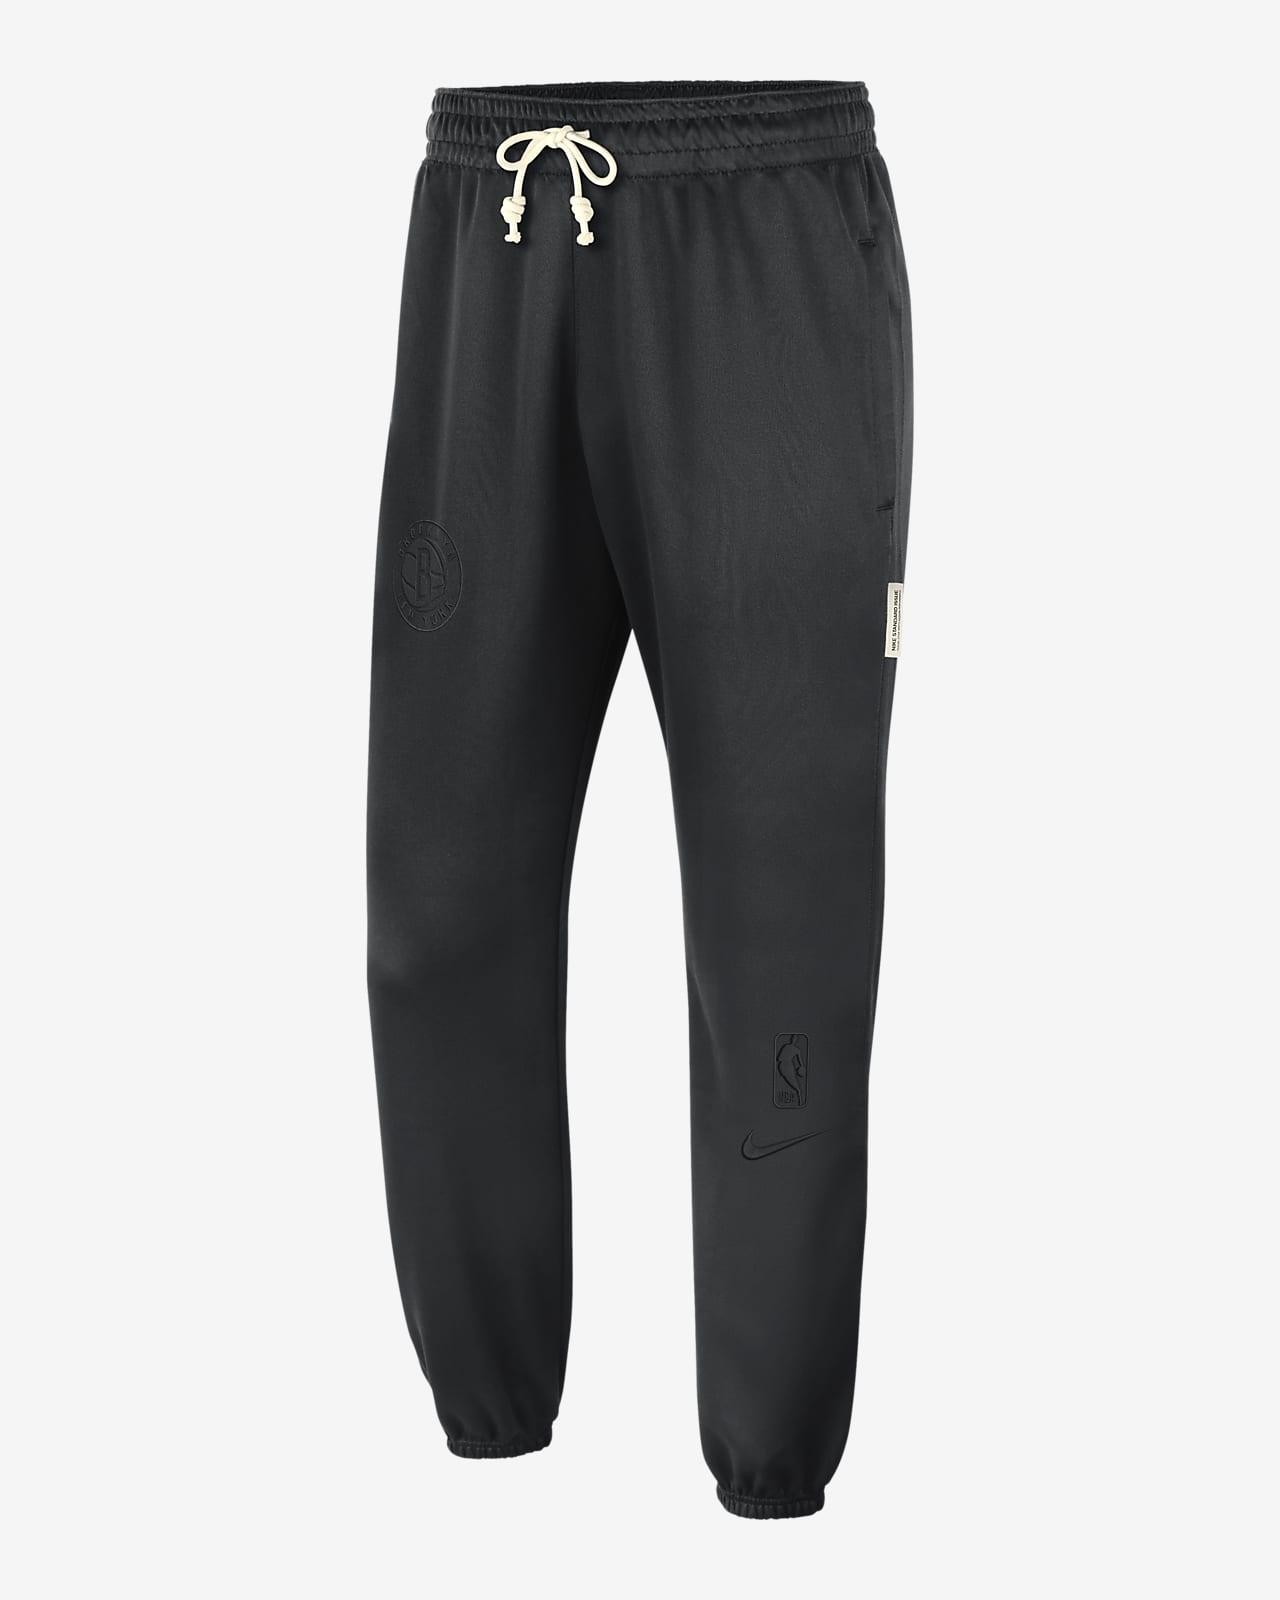 Pantalones Nike Dri-FIT de la NBA para hombre Nets Standard Issue